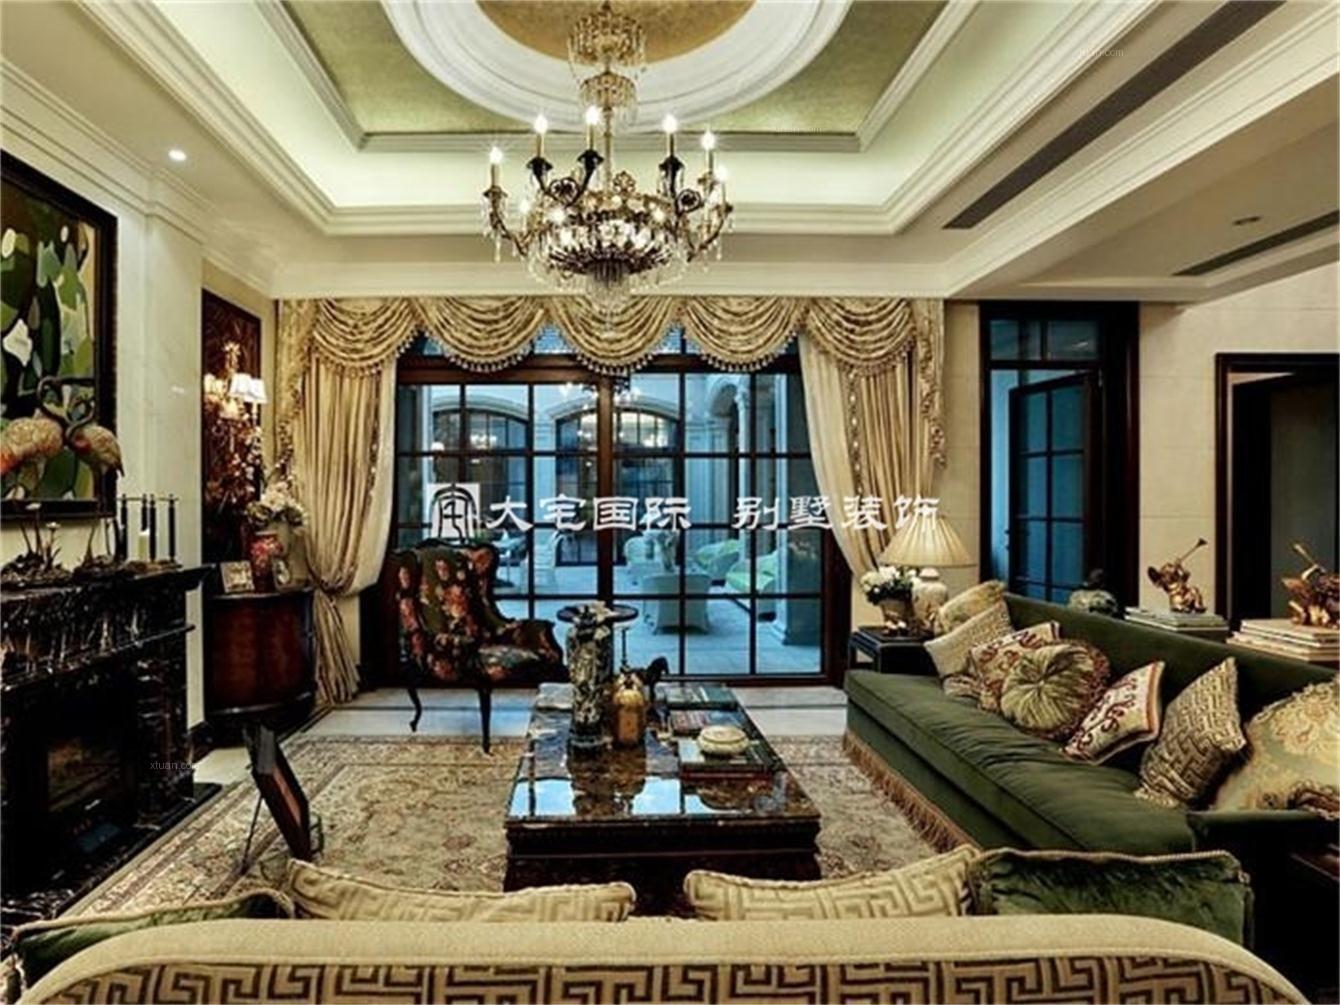 别墅欧式风格客厅_经典欧式别墅设计案例装修效果图